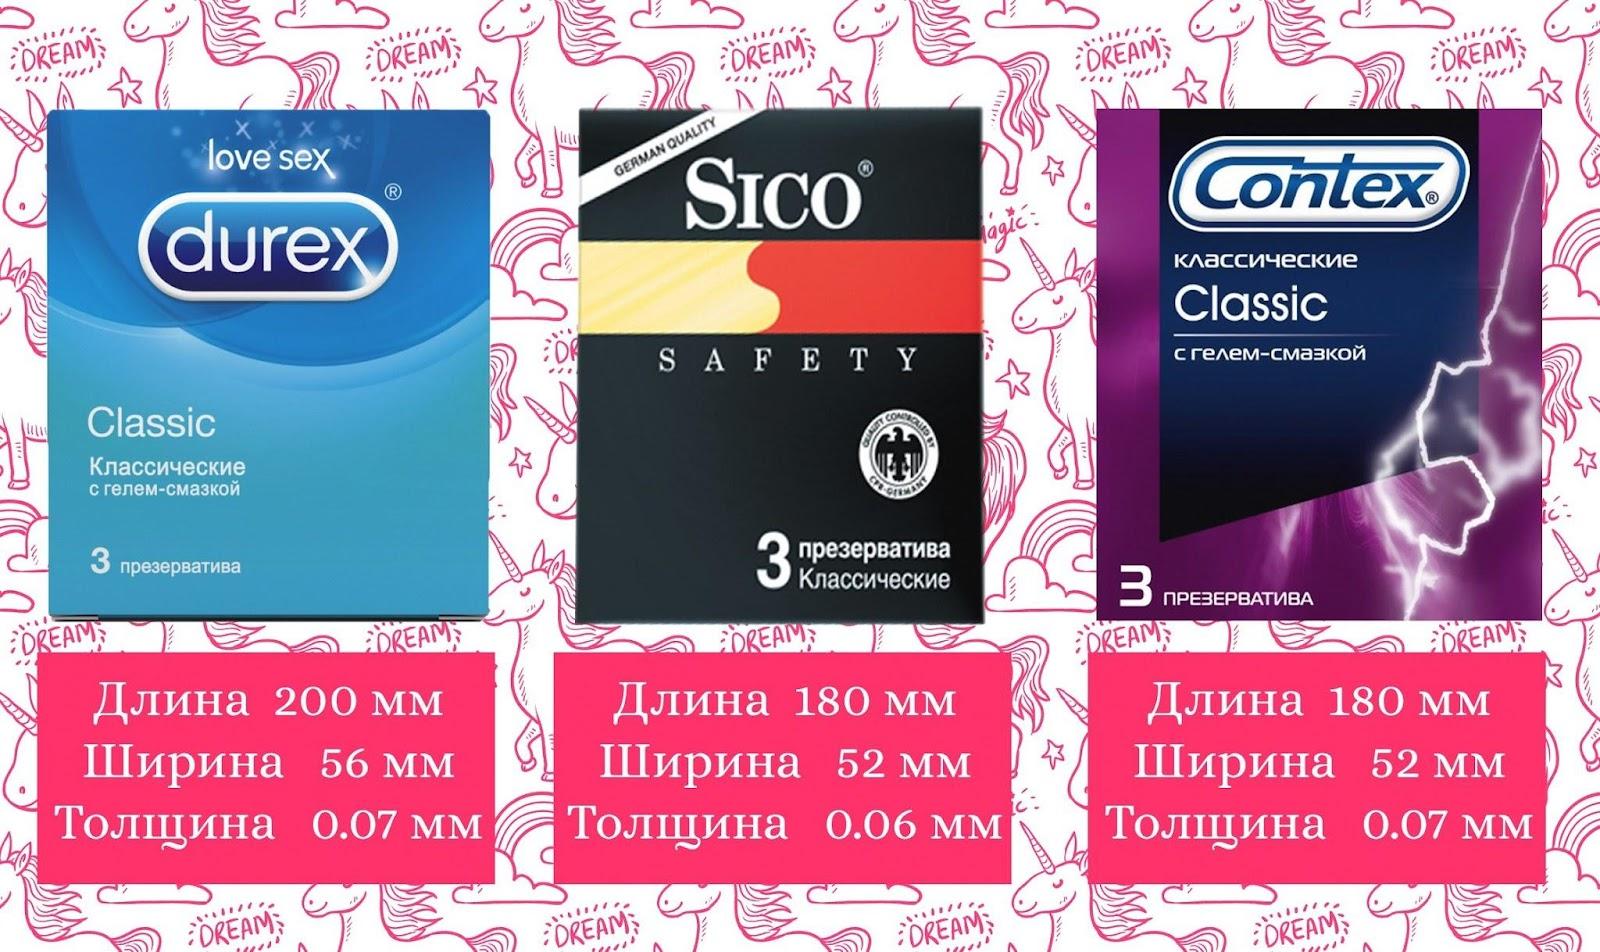 Размеры презервативов у производителей